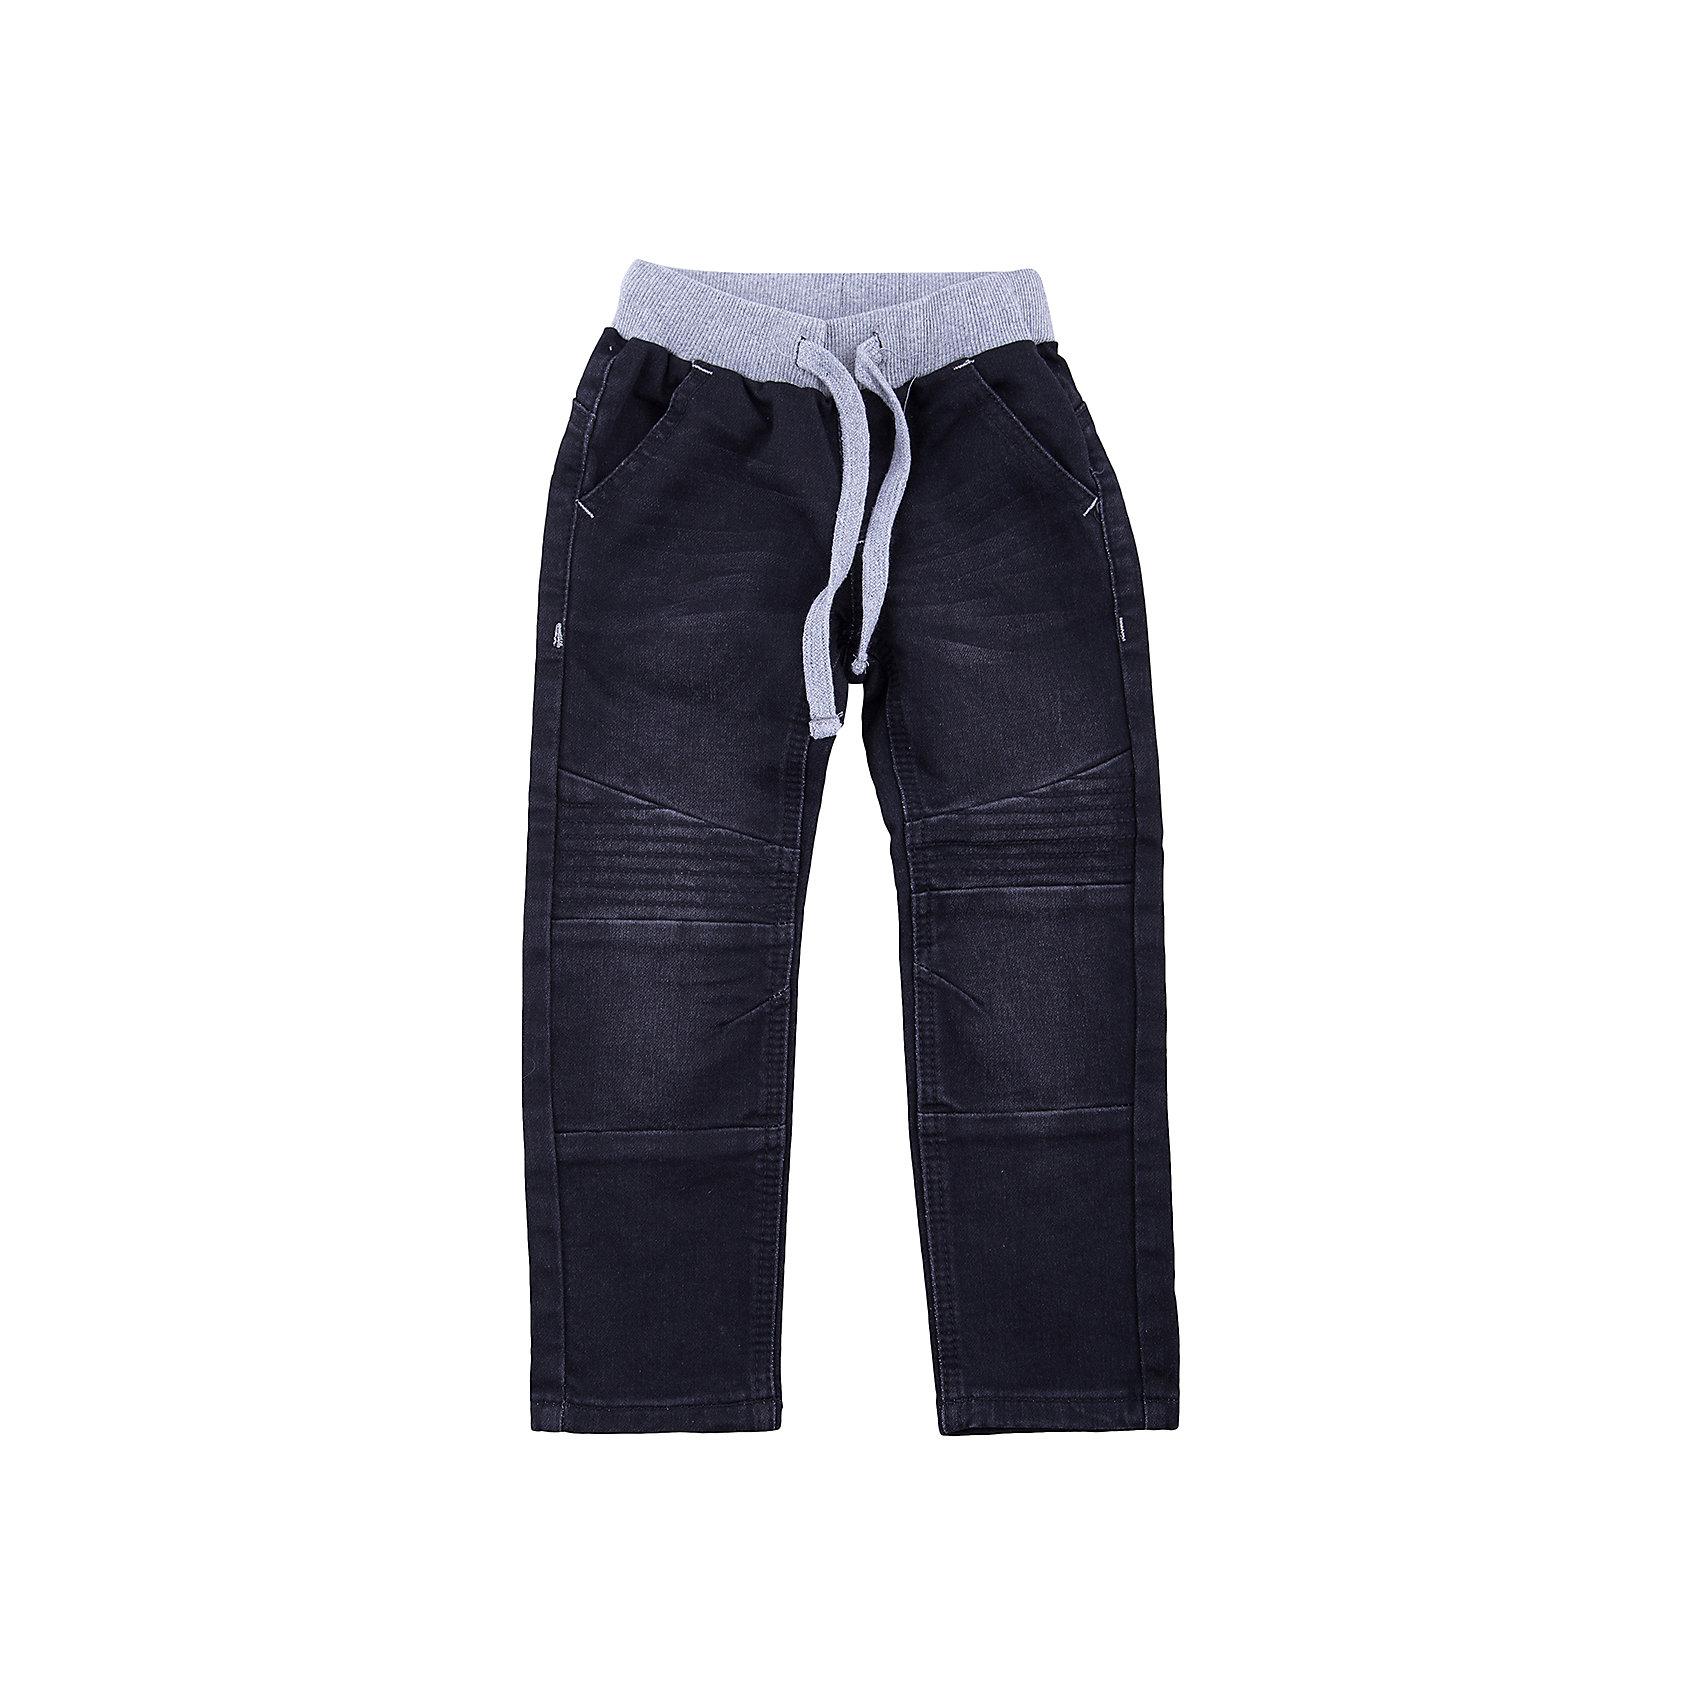 Брюки PlayToday для мальчикаБрюки<br>Брюки PlayToday для мальчика<br>Брюки свободного кроя, выполнены из джинсовой ткани. Пояс на широкой резинке не сдавливающей живот ребенка, с регулируемым шнуром кулиской. Модель дополнена вшивными карманами. В качестве декора использованы заломы и потертости.<br>Состав:<br>78% хлопок, 20% полиэстер, 2% эластан<br><br>Ширина мм: 215<br>Глубина мм: 88<br>Высота мм: 191<br>Вес г: 336<br>Цвет: белый<br>Возраст от месяцев: 84<br>Возраст до месяцев: 96<br>Пол: Мужской<br>Возраст: Детский<br>Размер: 128,98,104,110,116,122<br>SKU: 7110681